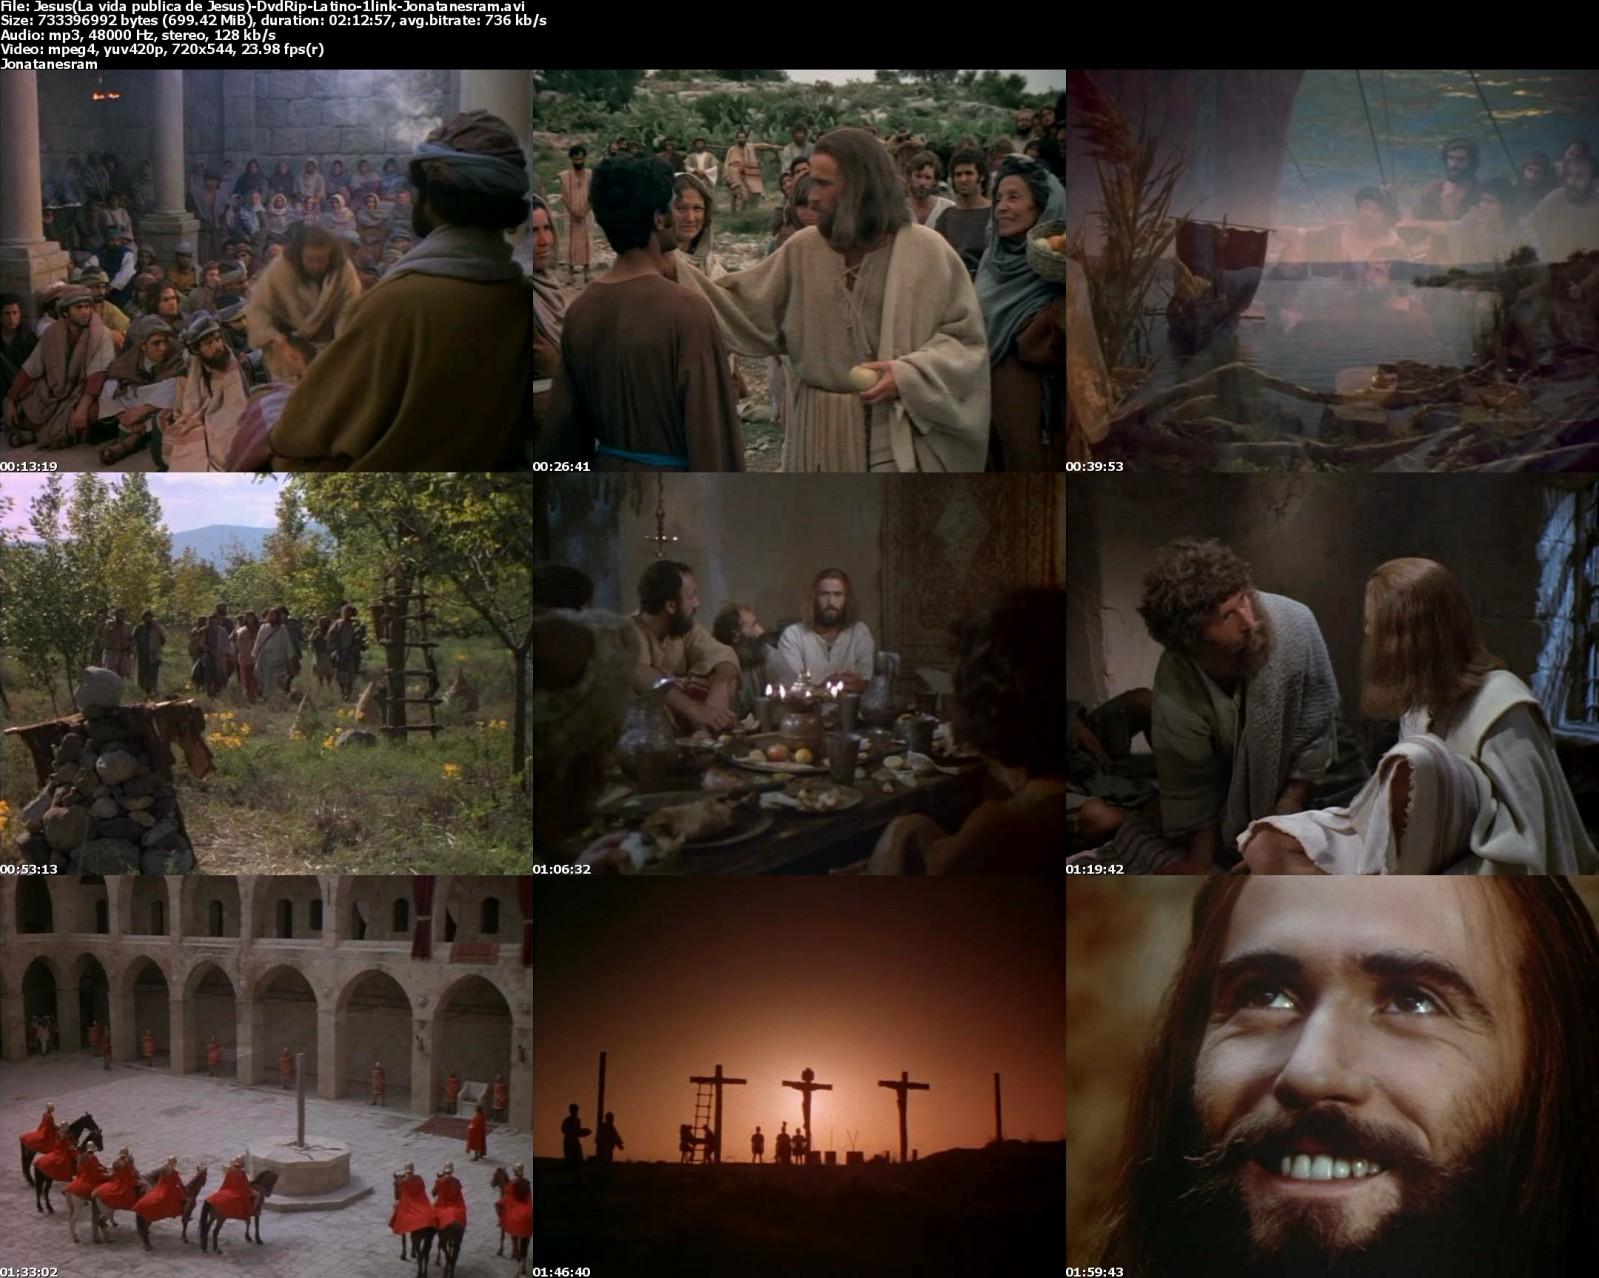 Jesús (La vida pública de Jesús)-DvdRip-Latino-1link-2 servidores  Swuycg